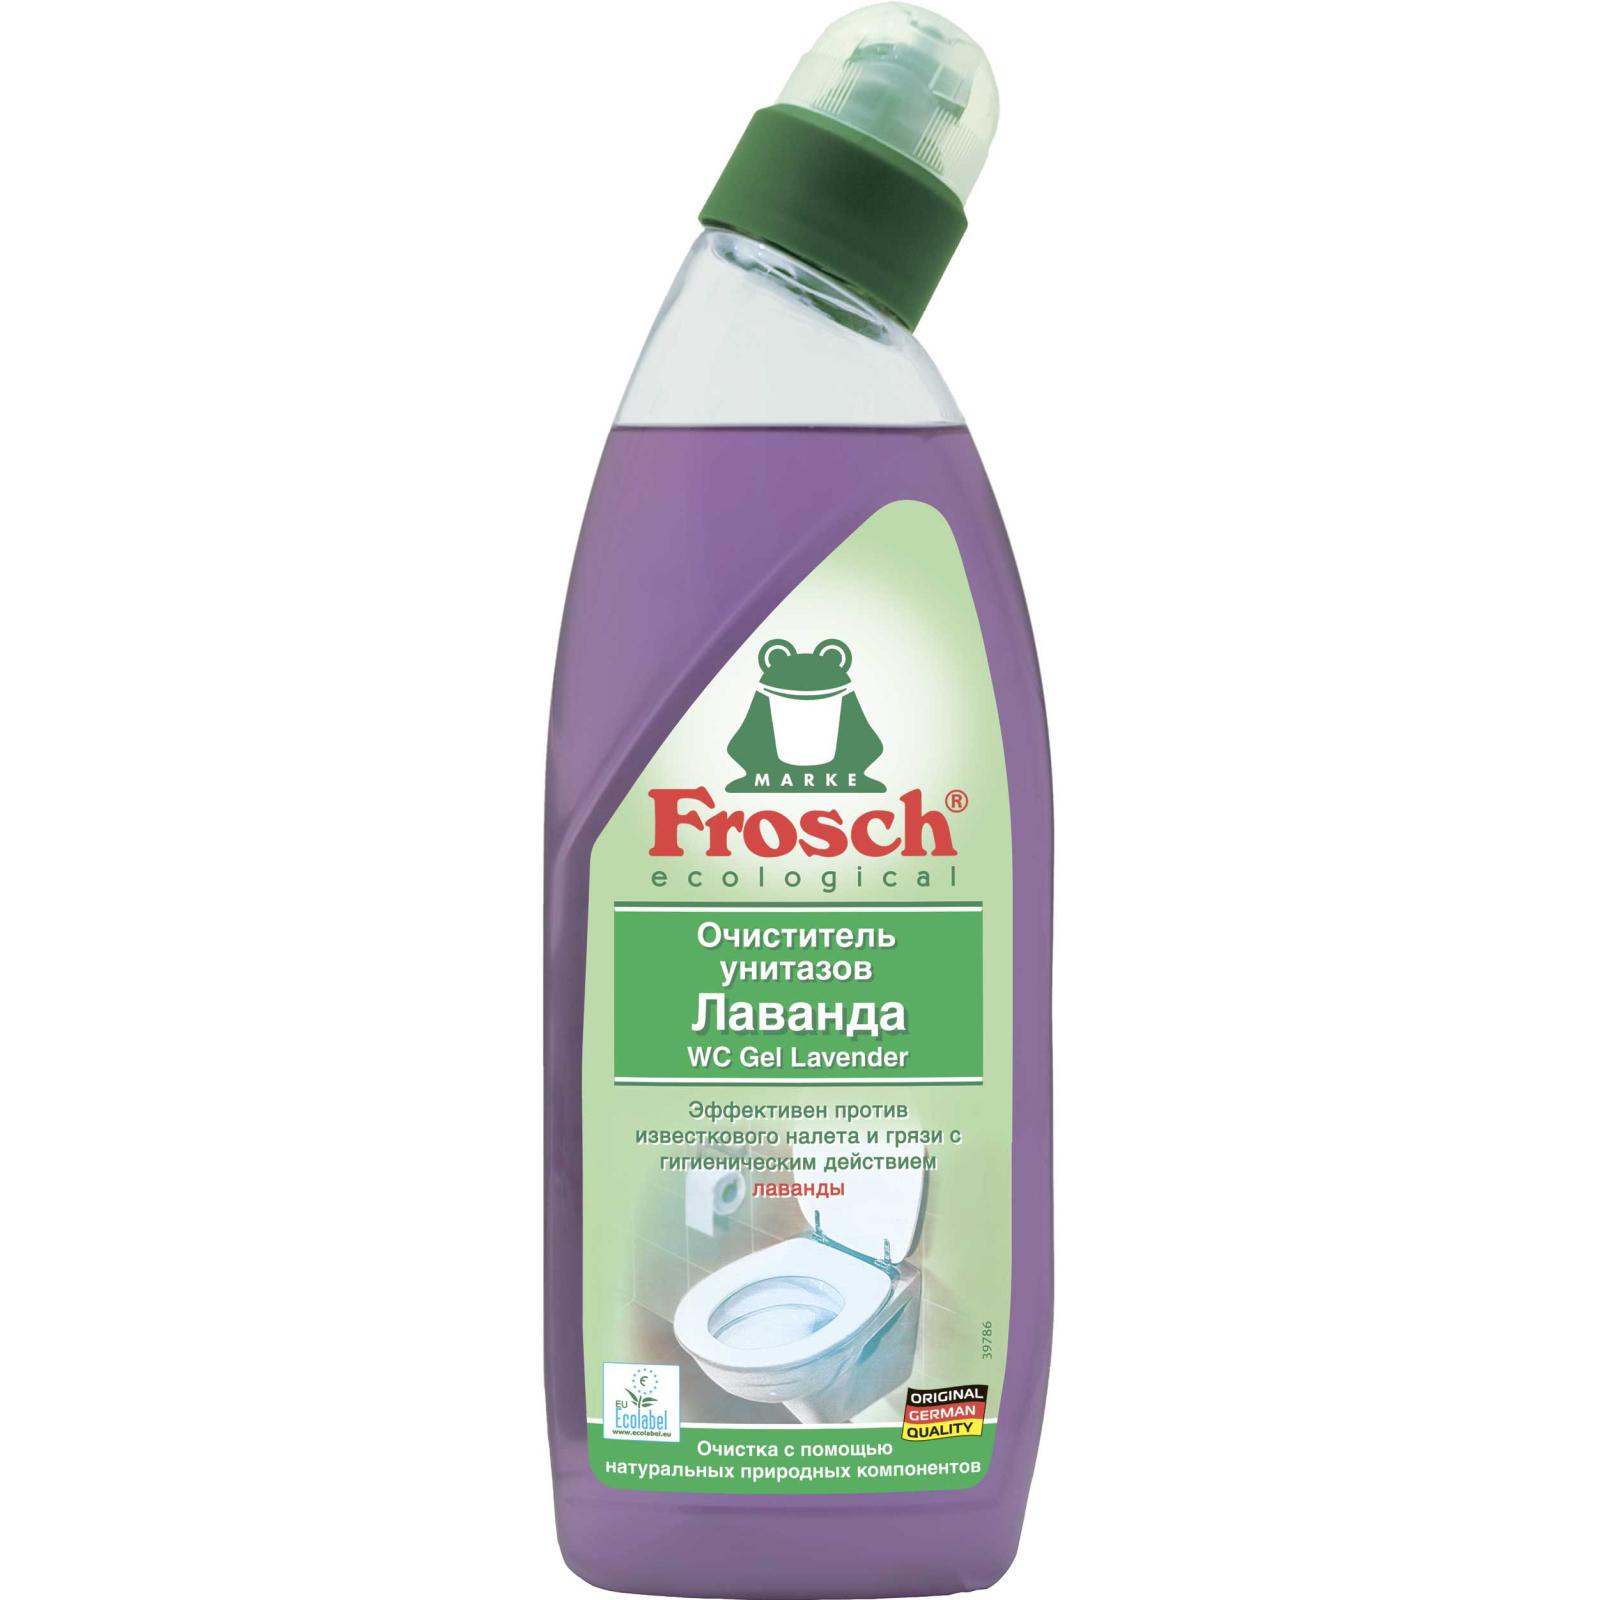 Чистящее средство Frosch для унитазов с экстрактами лаванды 750 мл (4009175118356)